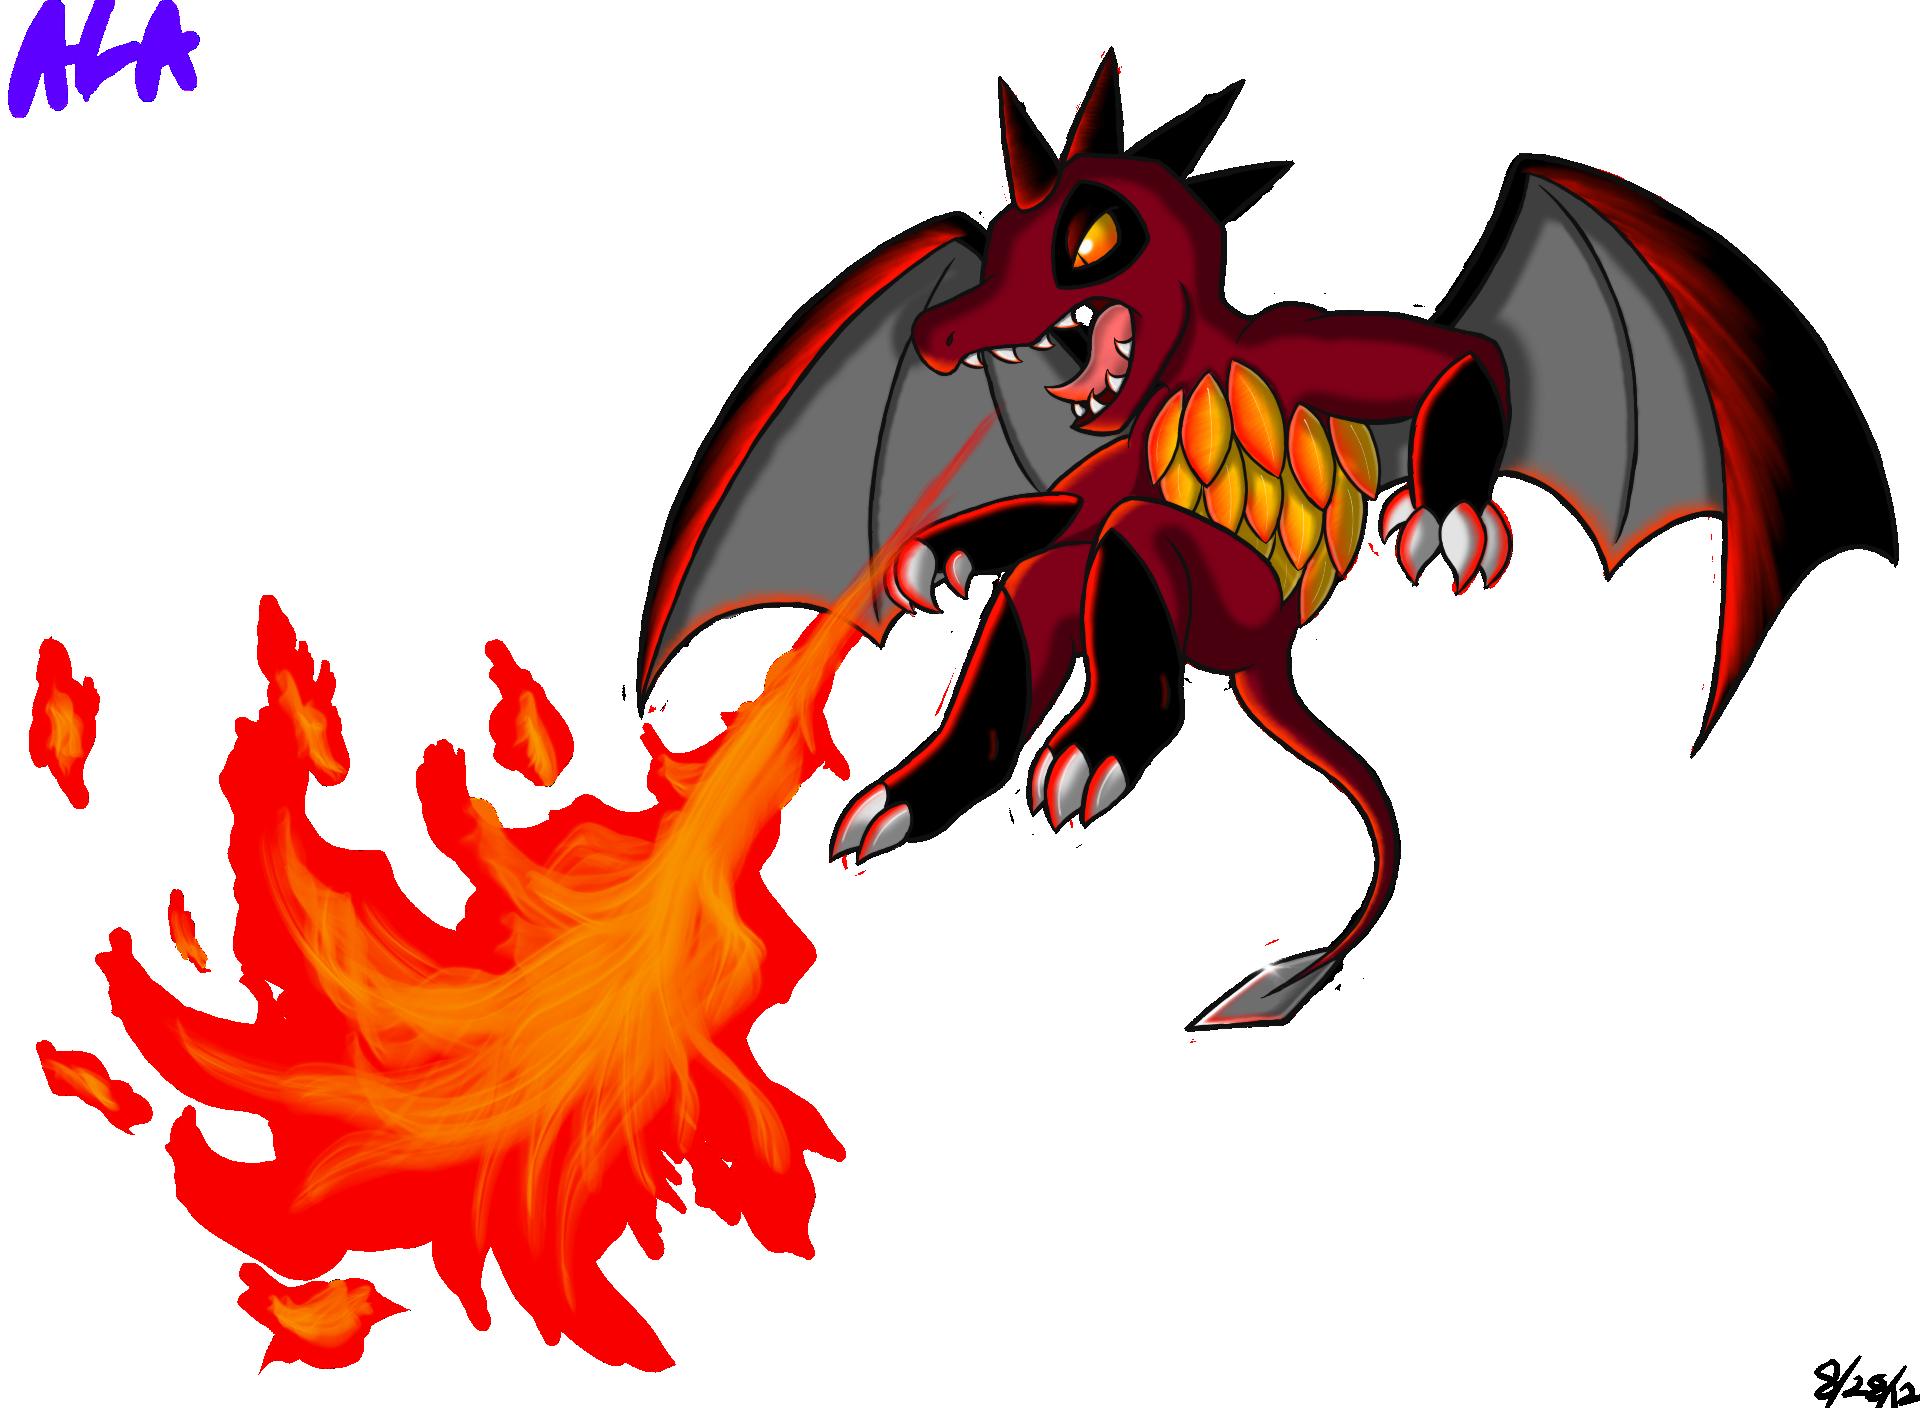 Fire-breathing Daggertail by Jestloo on DeviantArt